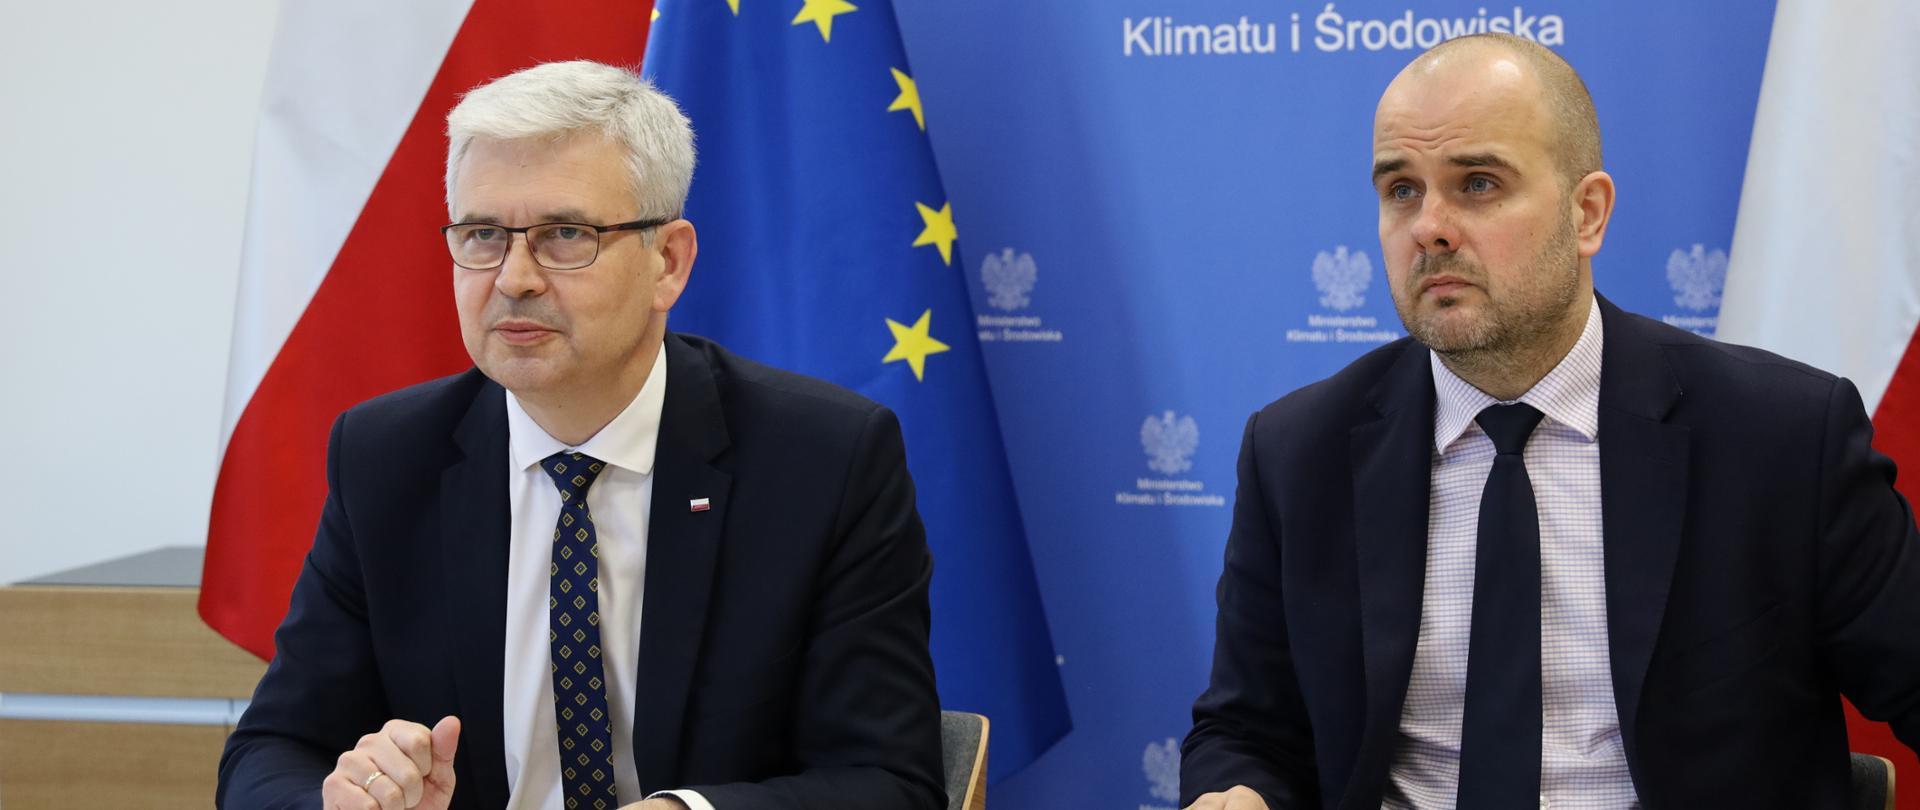 Wiceminister Ireneusz Zyska o współpracy w zakresie gospodarki wodorowej